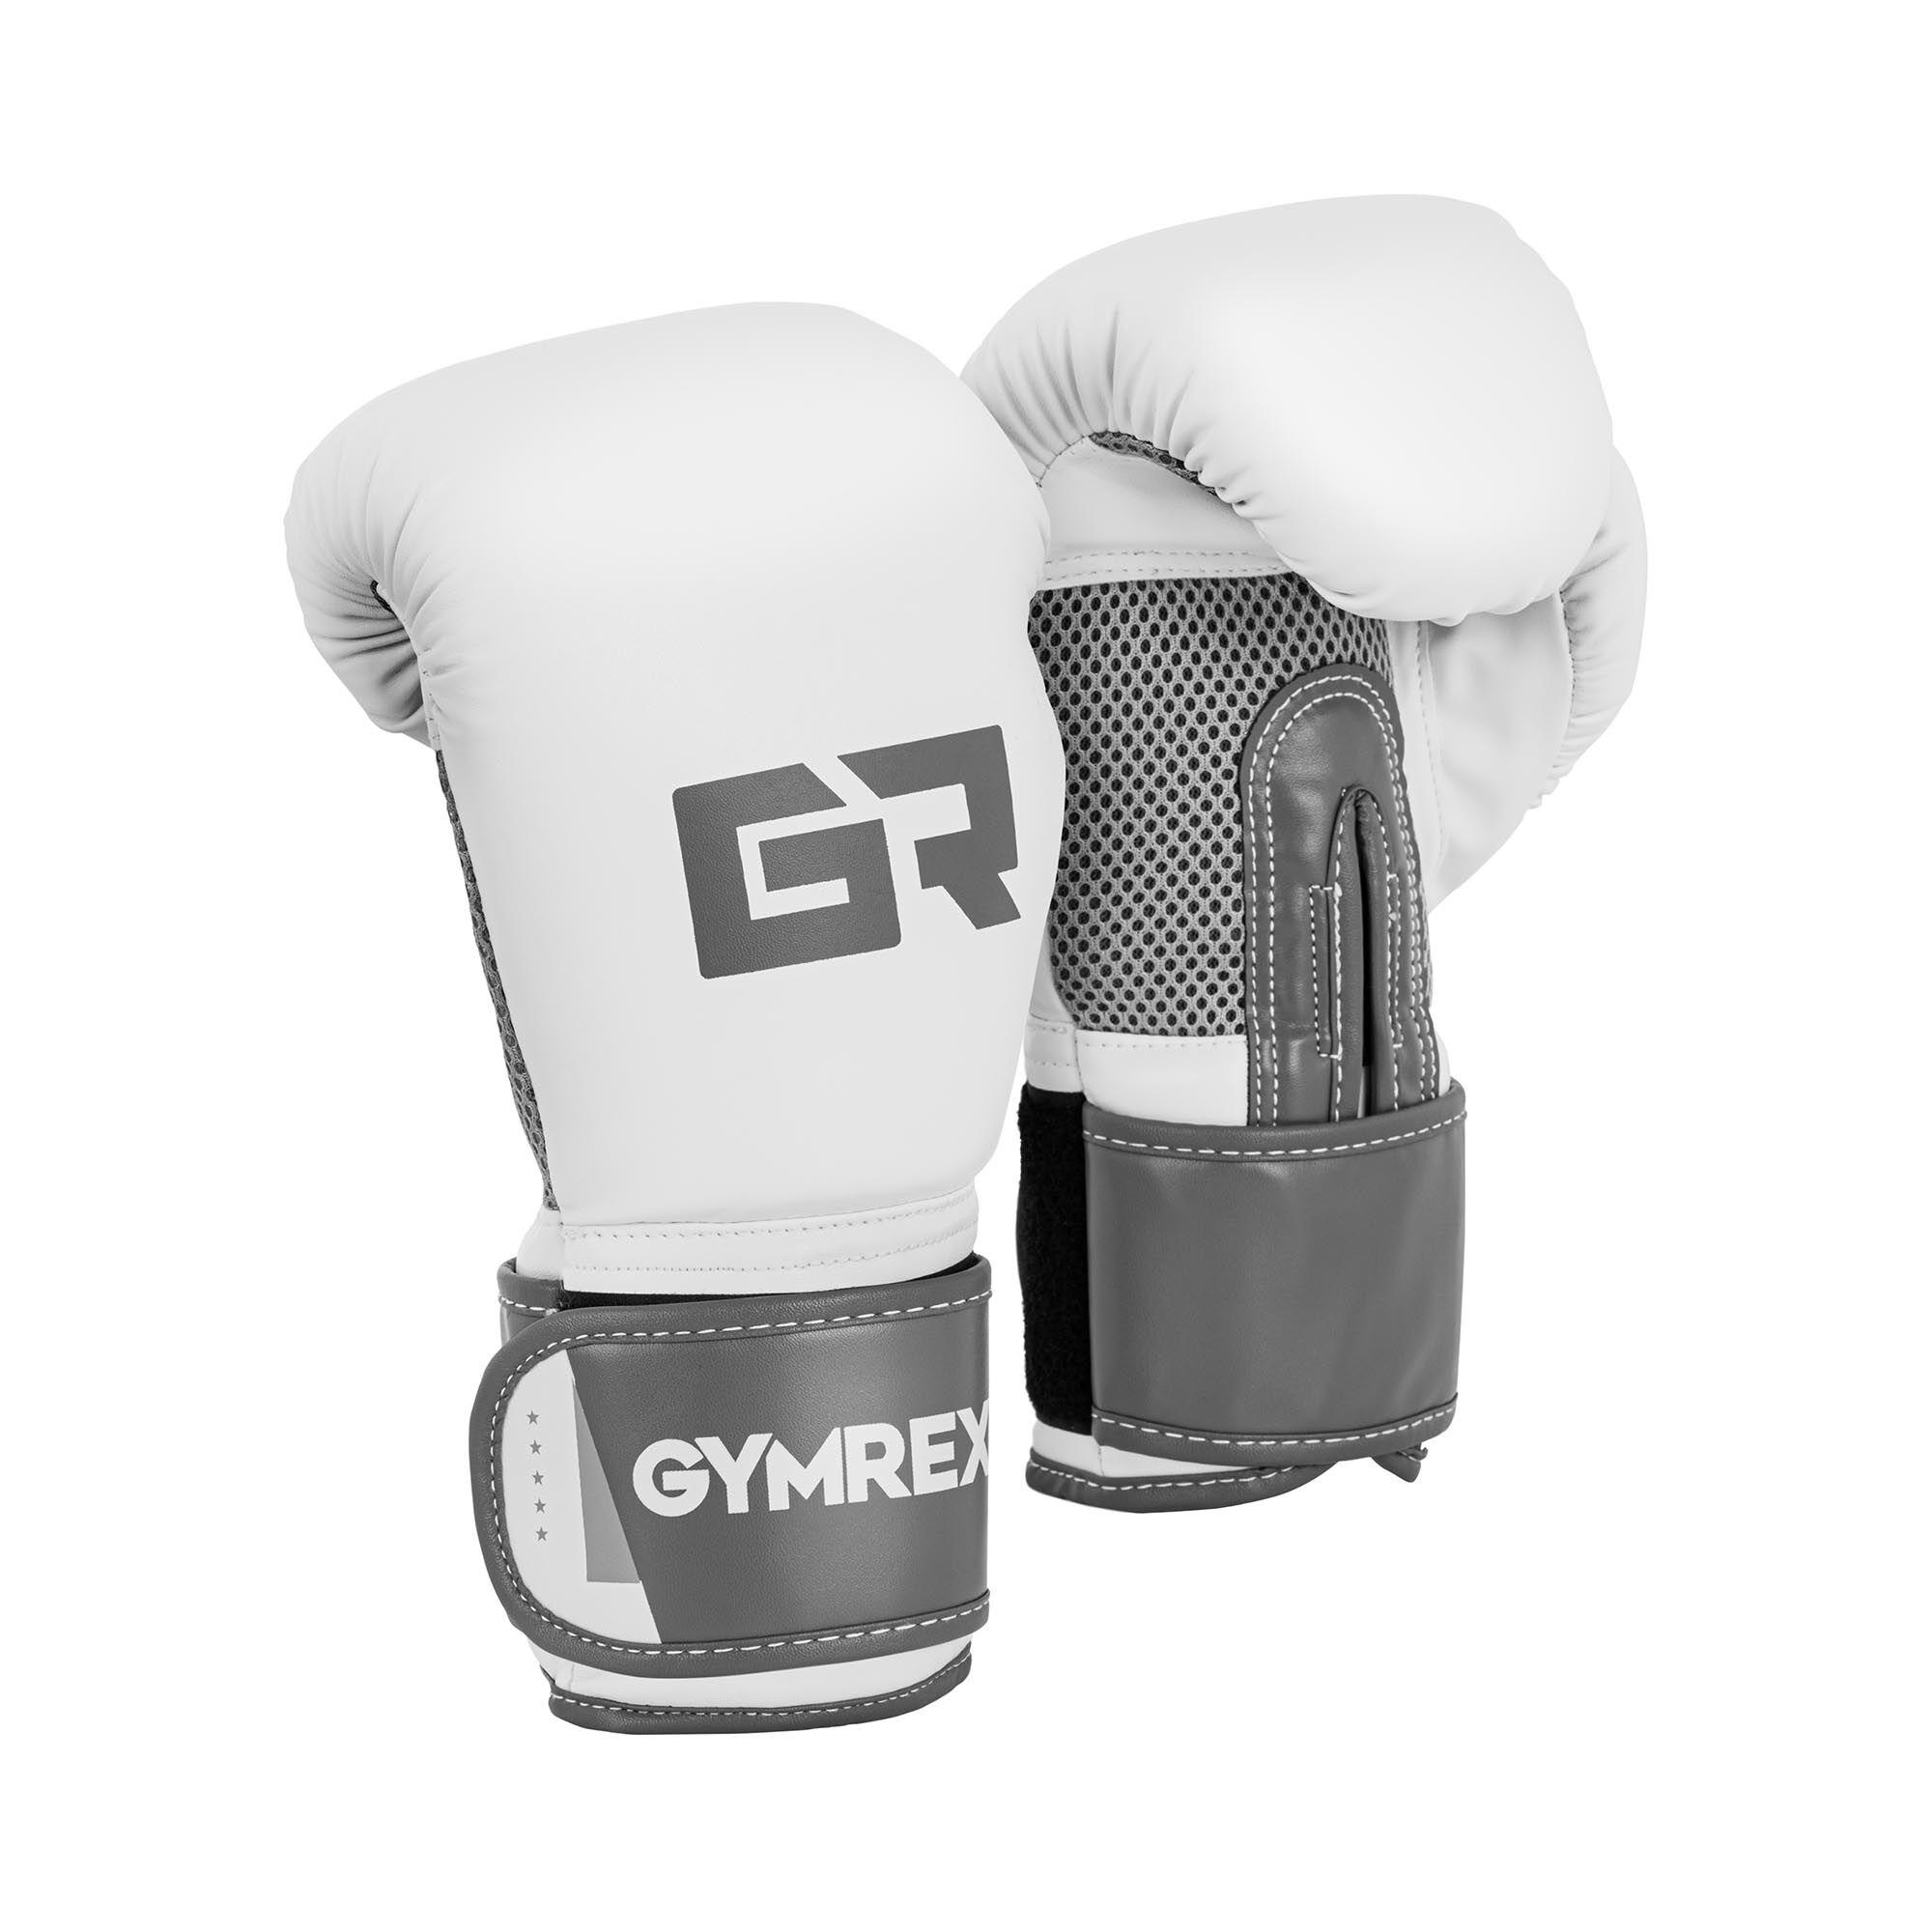 Gymrex Gants de boxe - 10 oz - Paume Mesh - Blancs et gris pâle, fini métallique GR-BG 10B